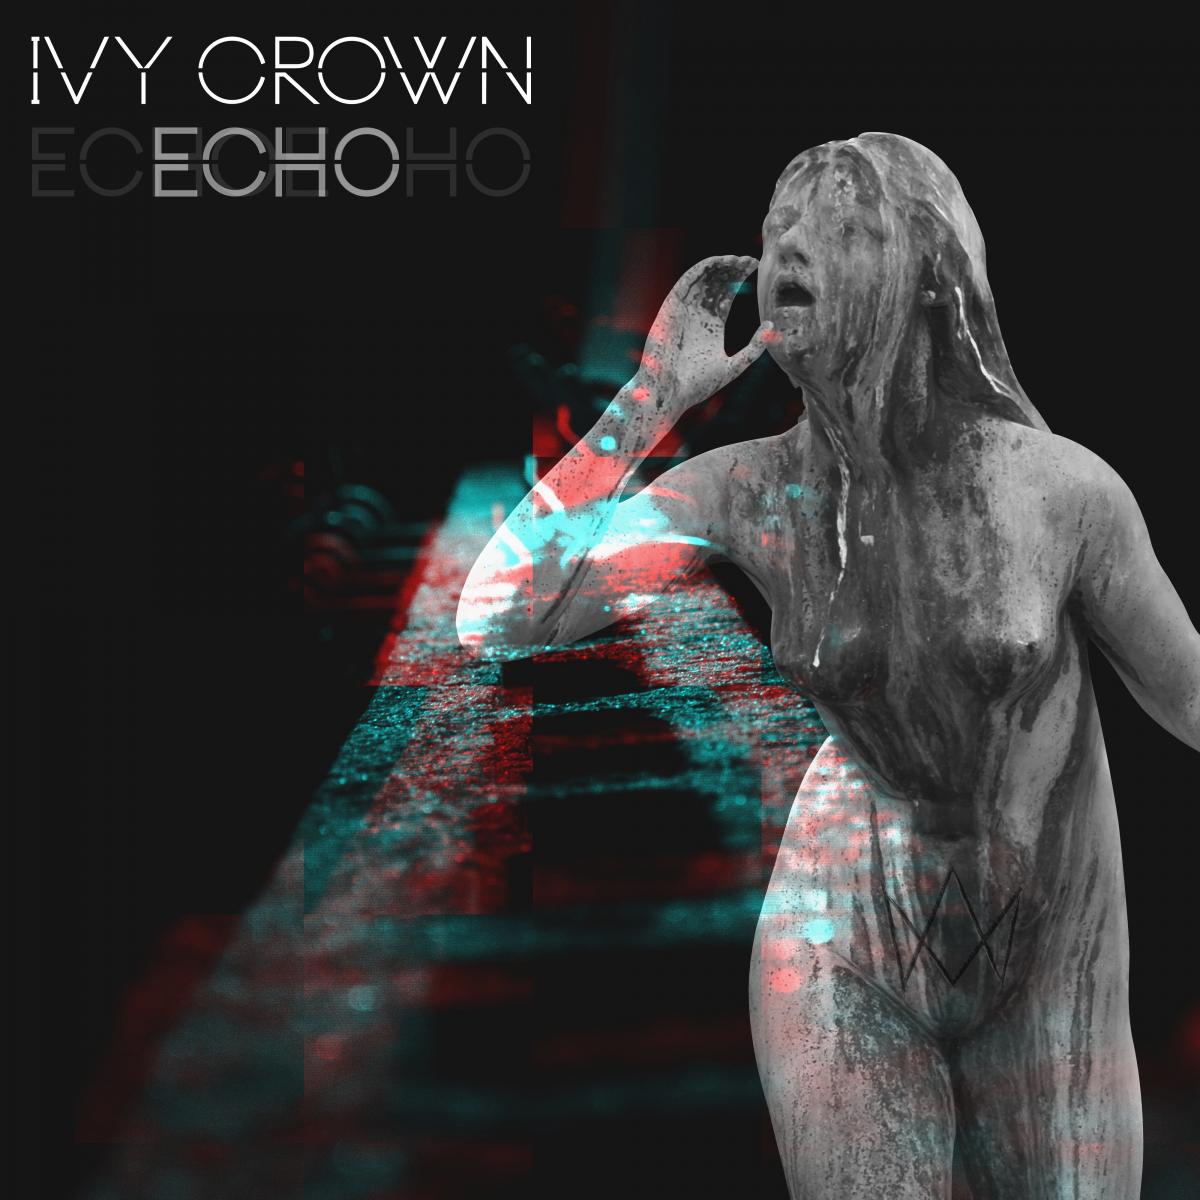 ivy-crown-echo-der-schritt-in-die-richtige-richtung-album-review